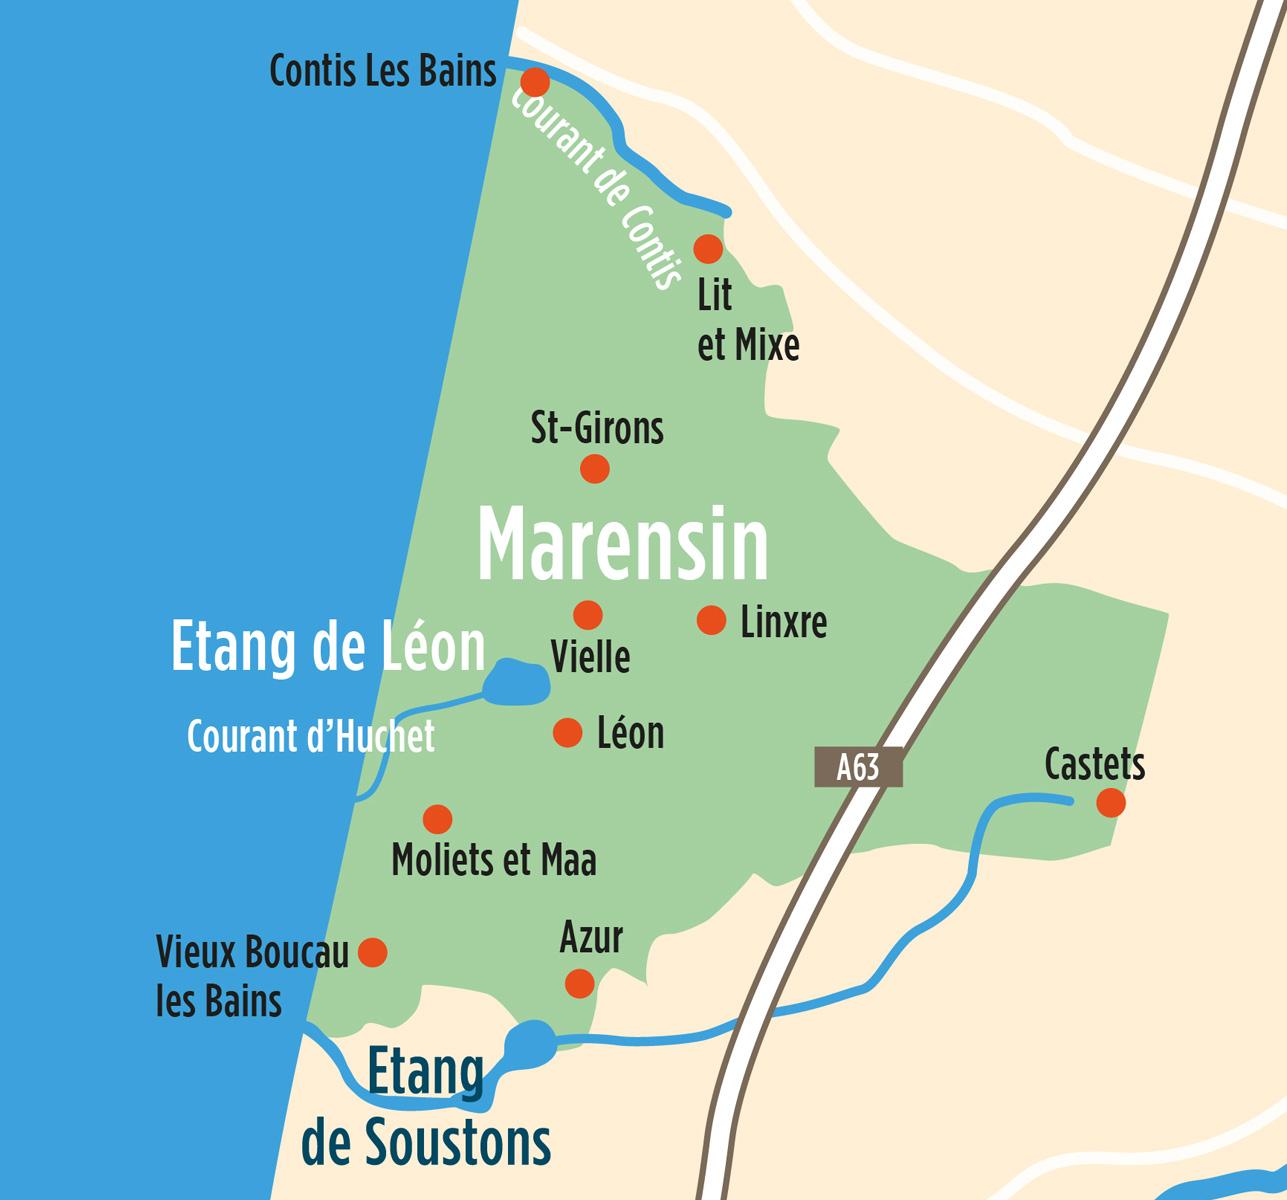 Marensin